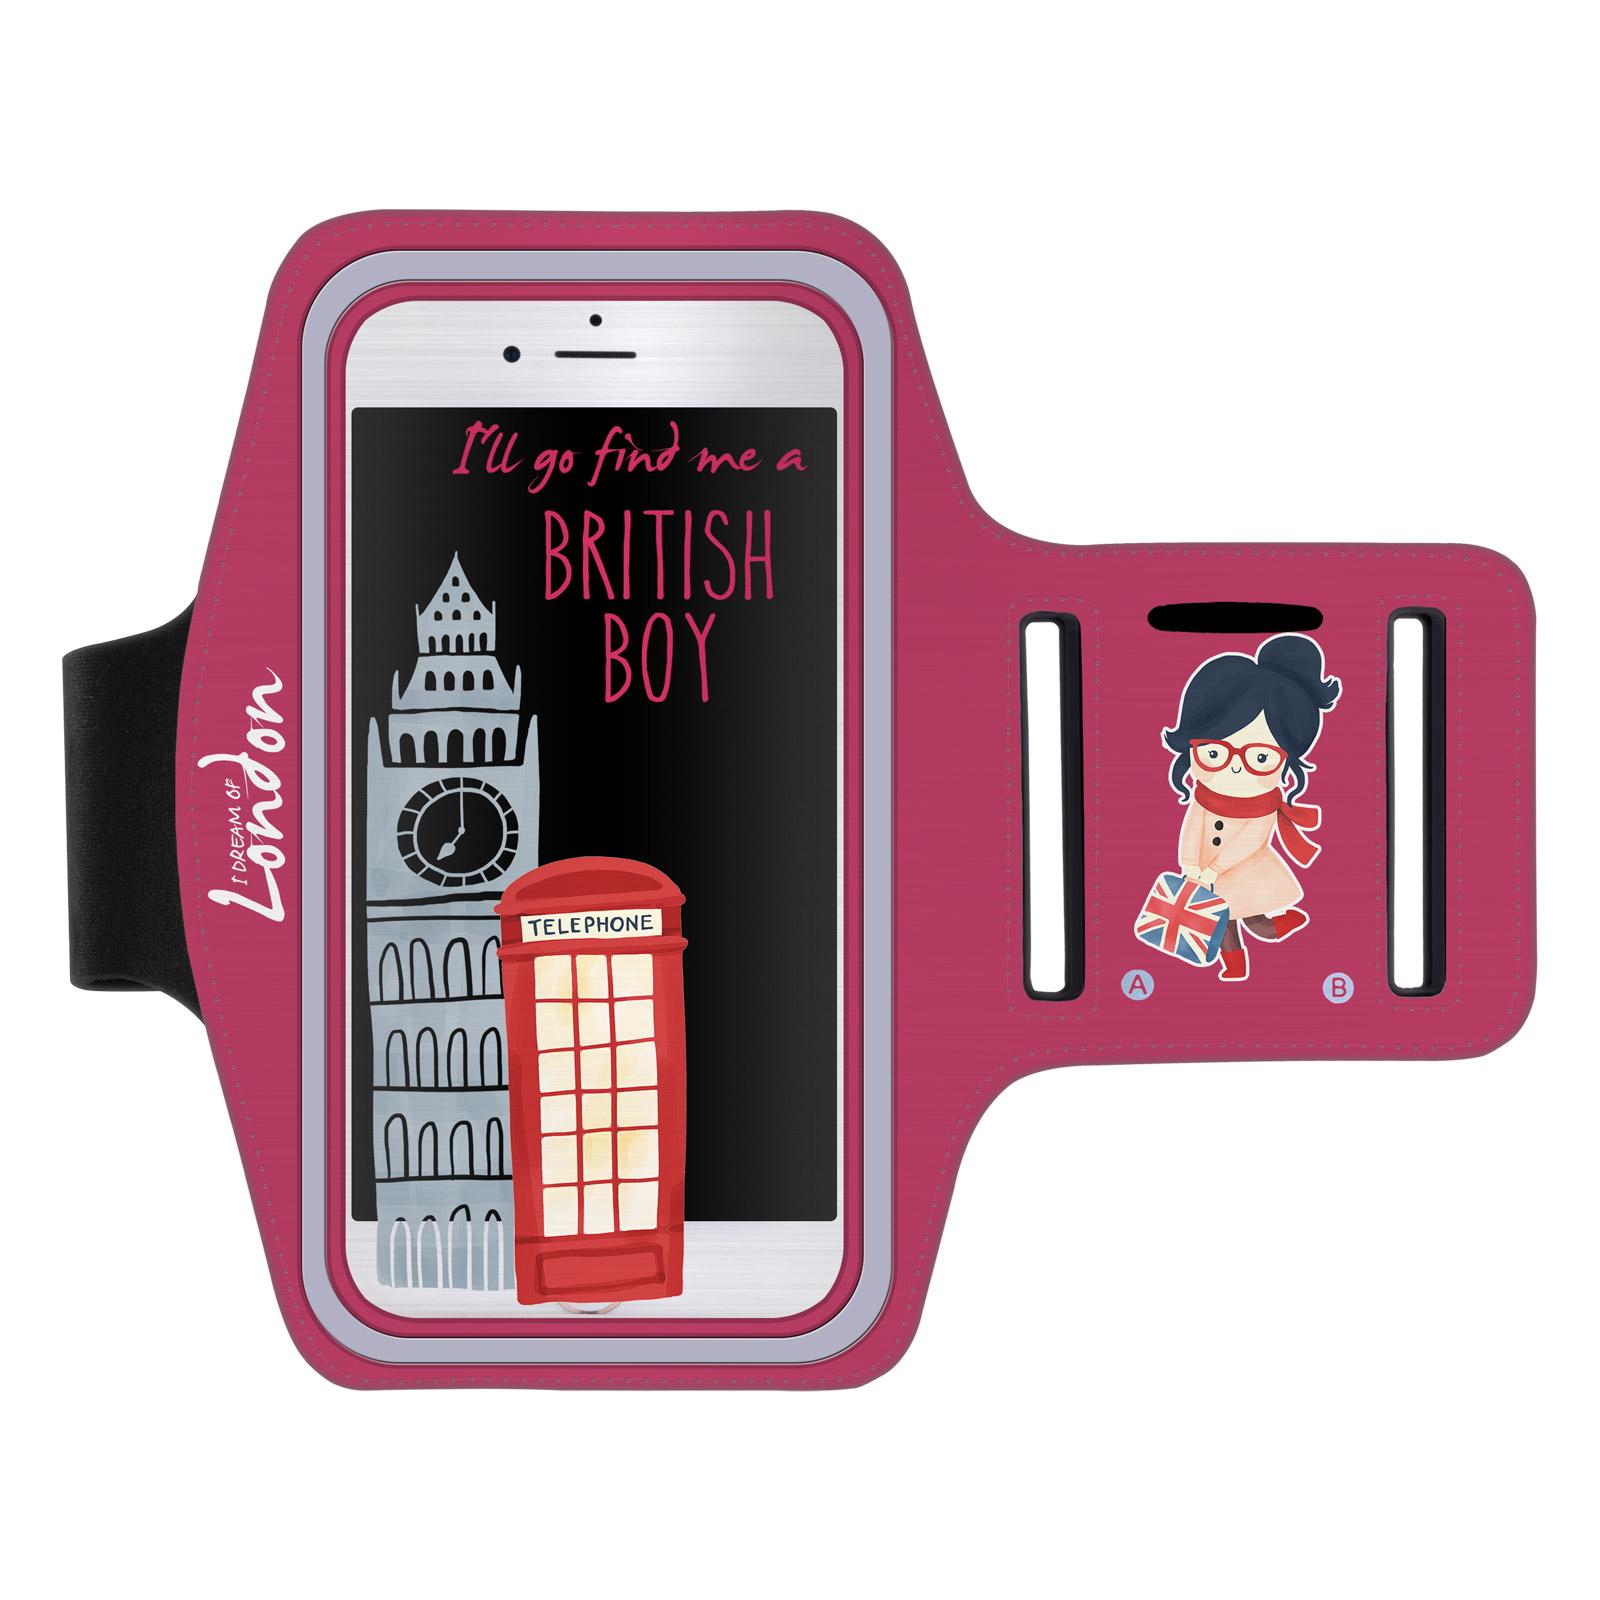 """Sportovní pouzdro na ruku BRITISH BOY pro mobily do 5,5"""" S7 Edge růžové (Pouzdro na běhání pro mobilní telefony do 5,5 palců)"""